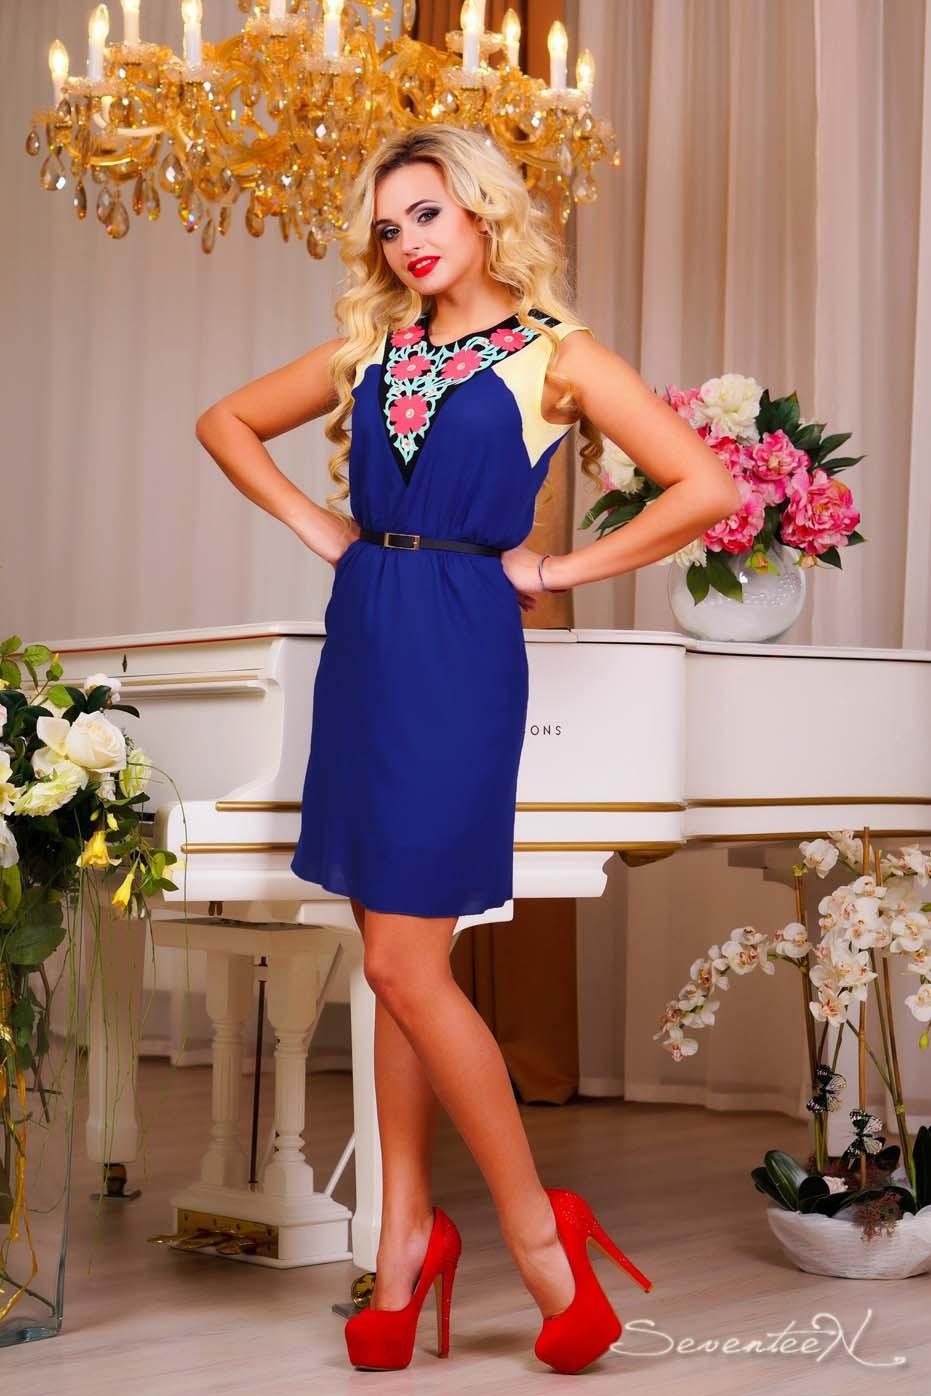 Женская одежда, полная обаяния и очарования: платья, блузы, юбки, брюки, леггинсы.